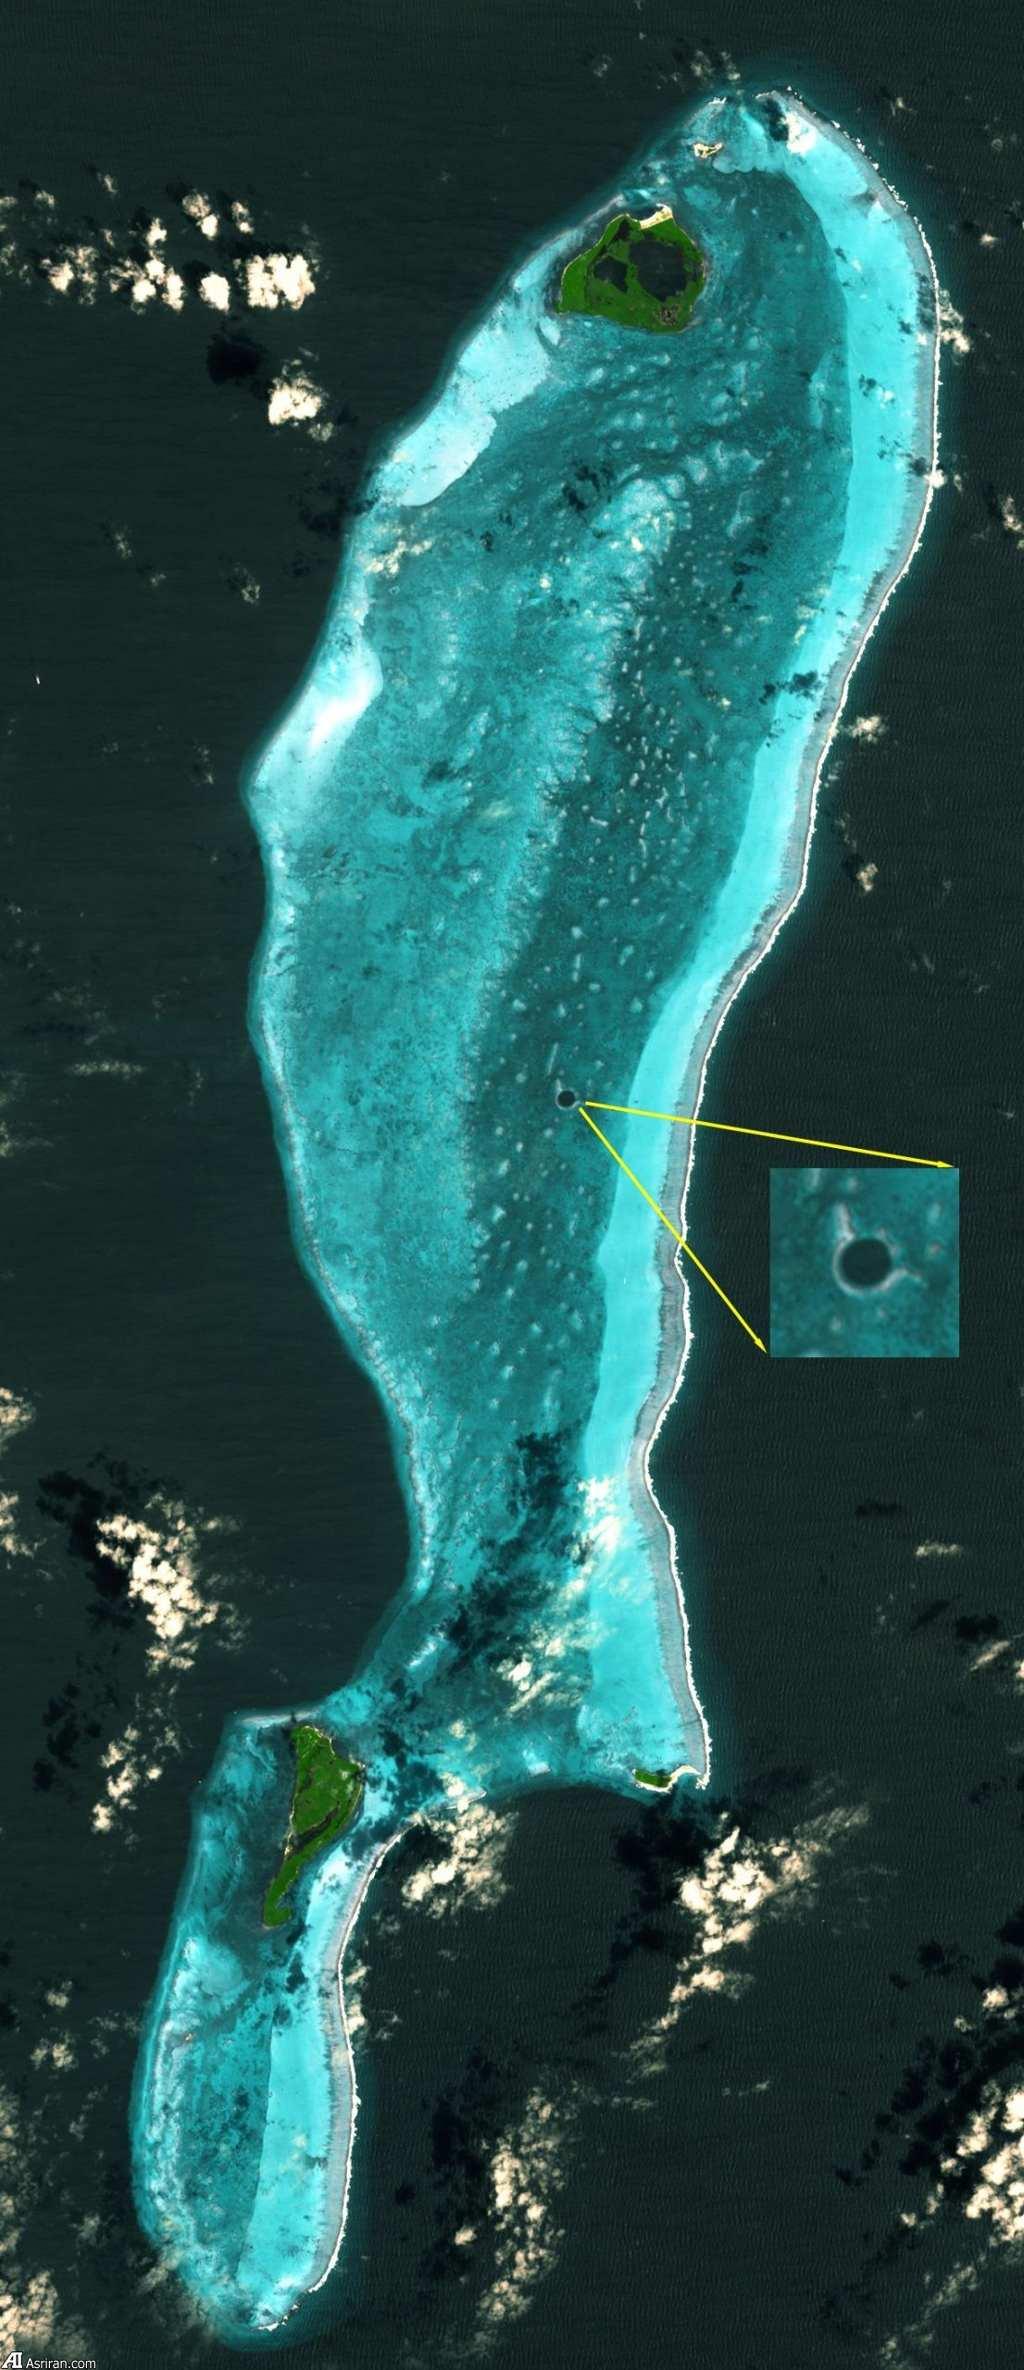 Hố xanh vĩ đại (Great Blue Hole) ở Belize trong một bức ảnh chụp của ASTER.